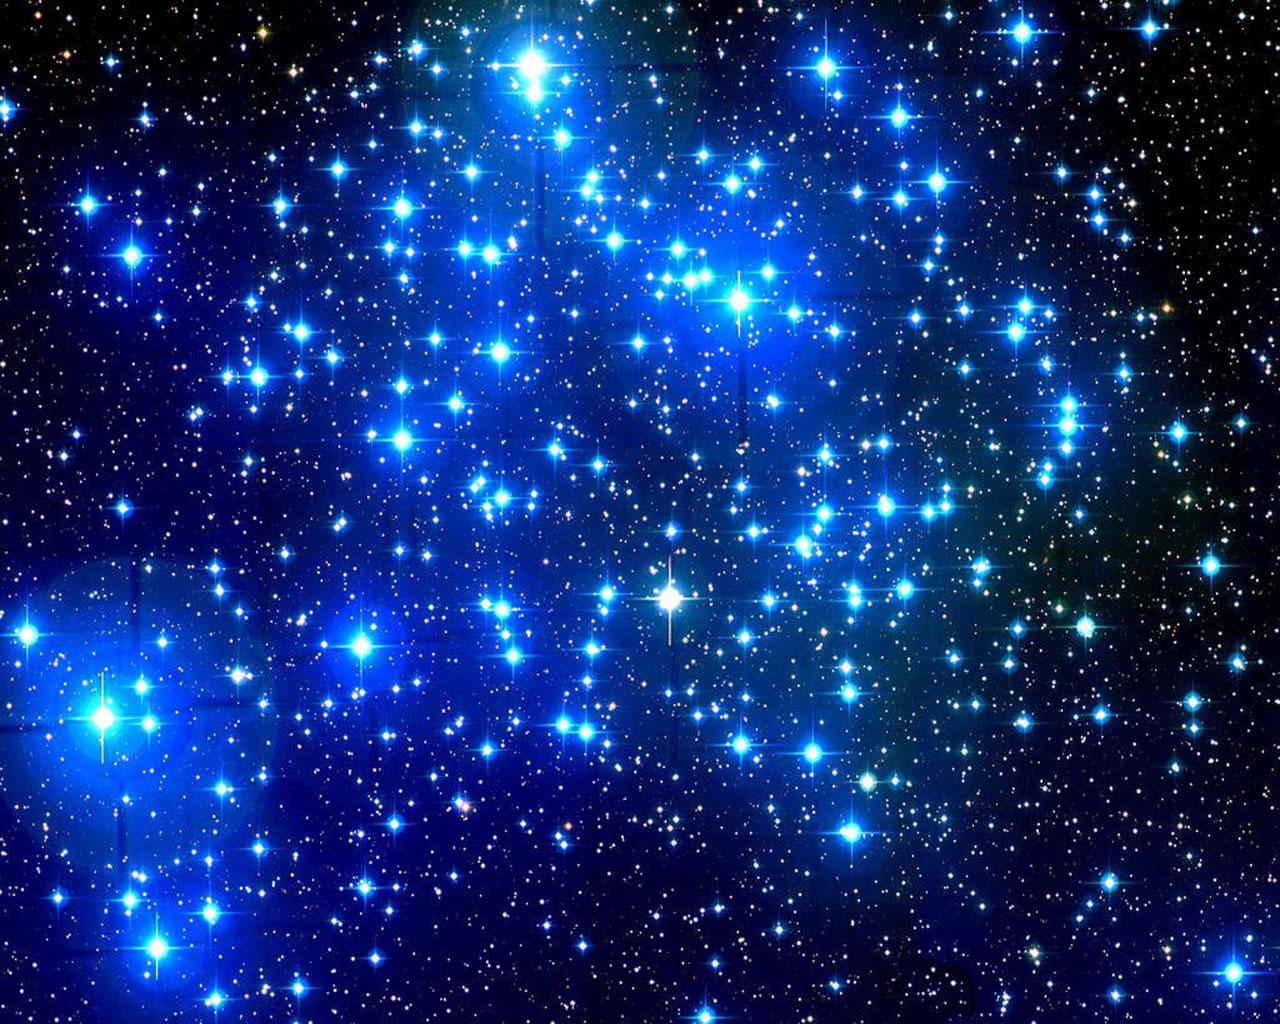 fondos de estrellas con movimiento